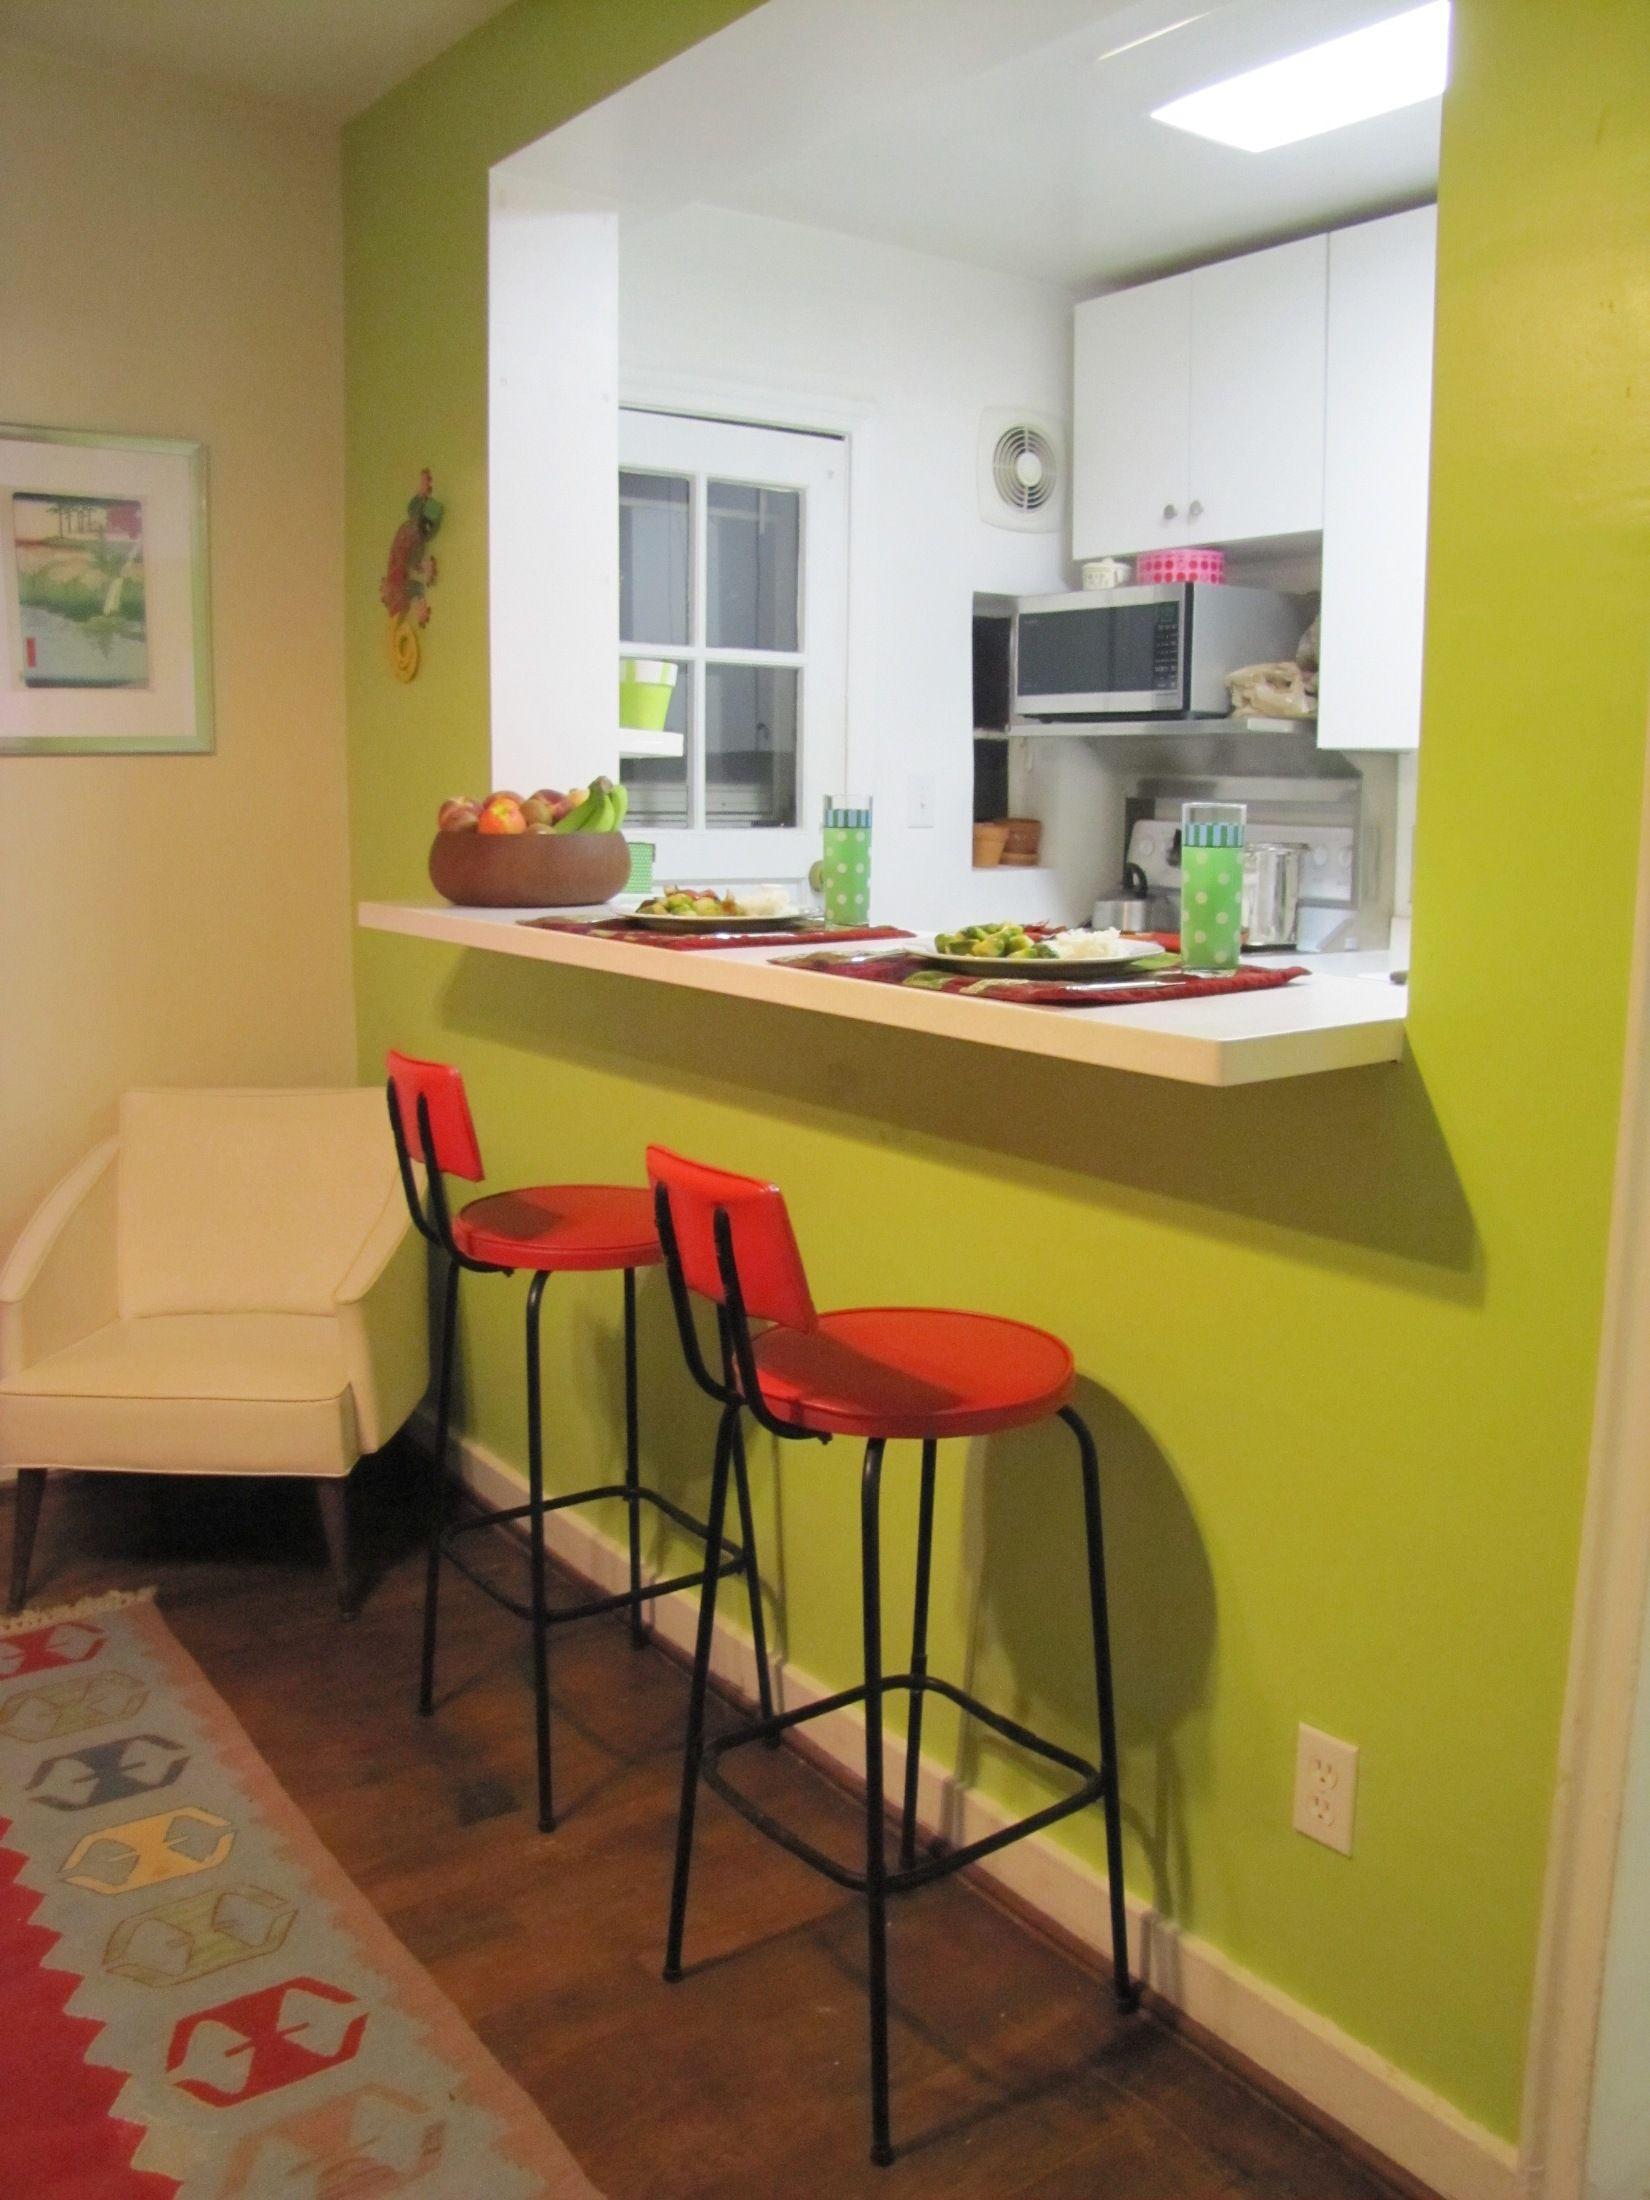 bar counter designs small space Buscar con Google